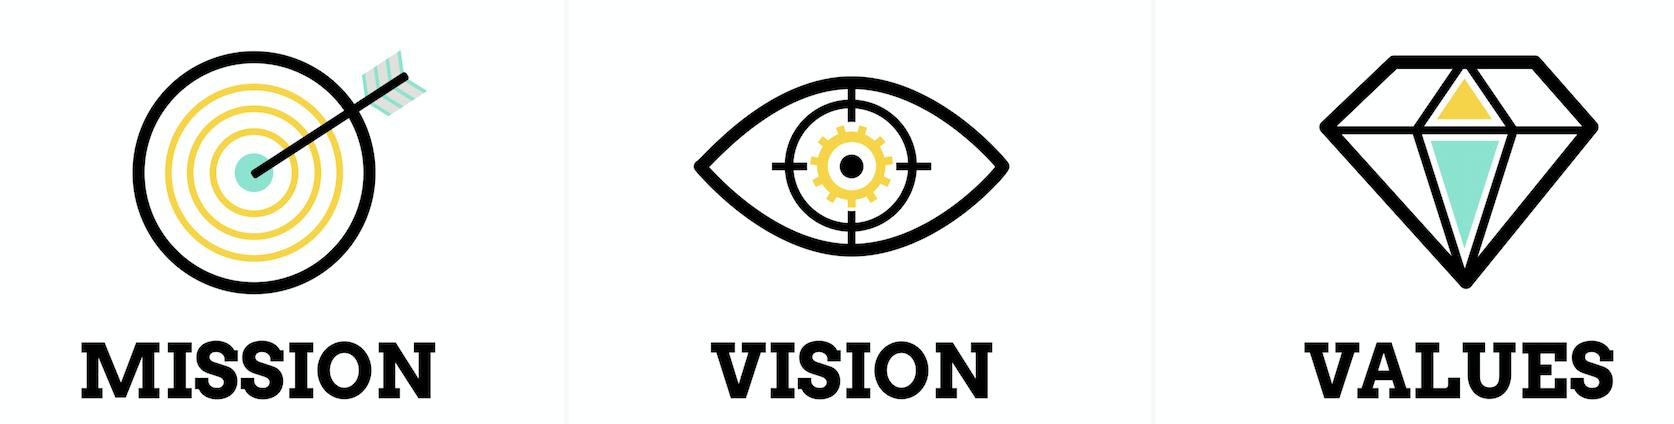 comunicare valori aziendali - logo aziendale